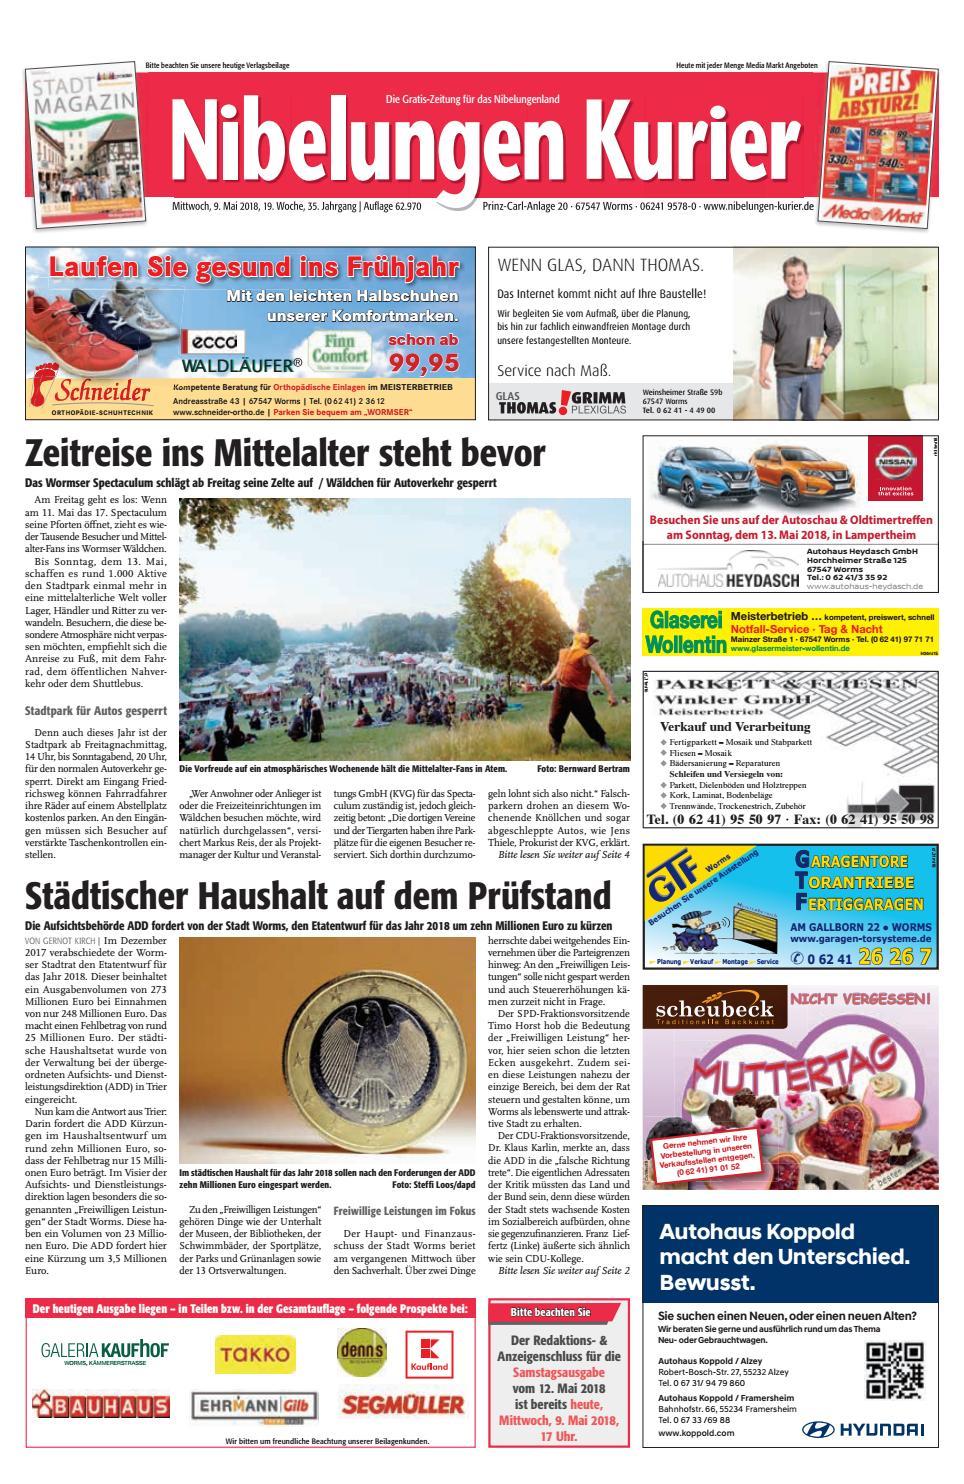 Schön Küchenmöbelhäuser In Der Nähe Von Mir Fotos - Ideen Für Die ...